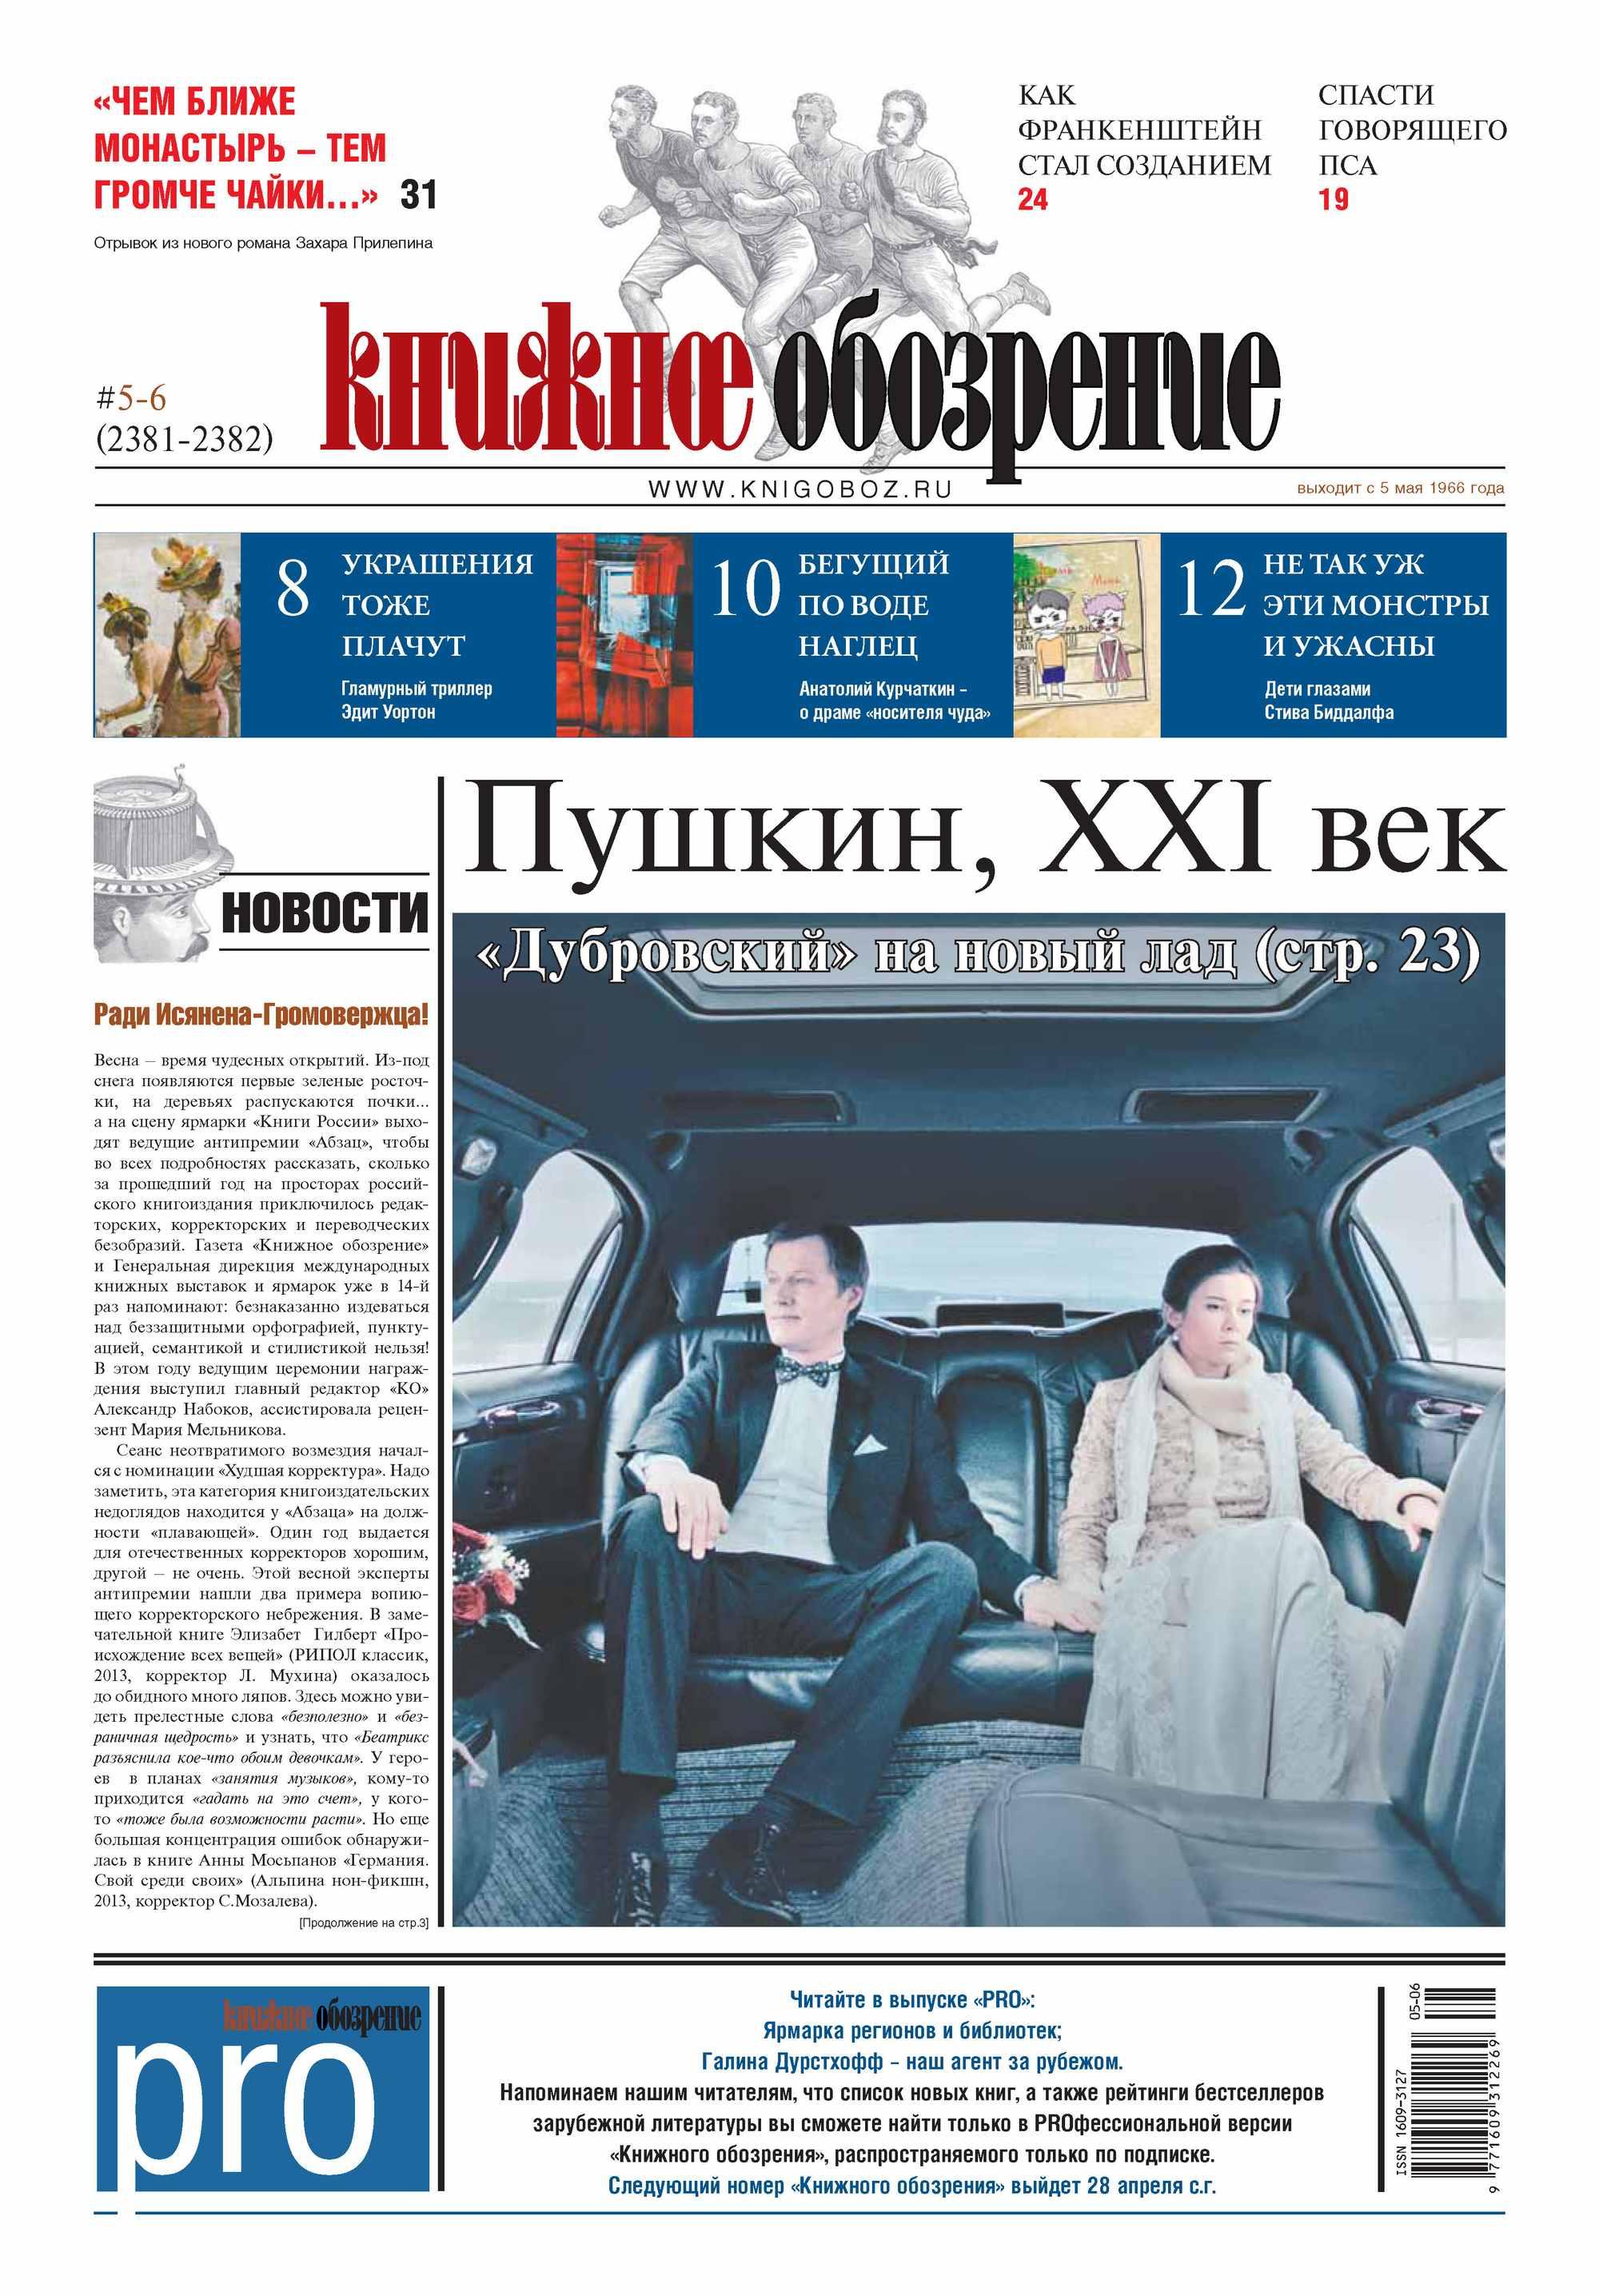 Газета. Книжное обозрение № 5-6 (2381-2382)